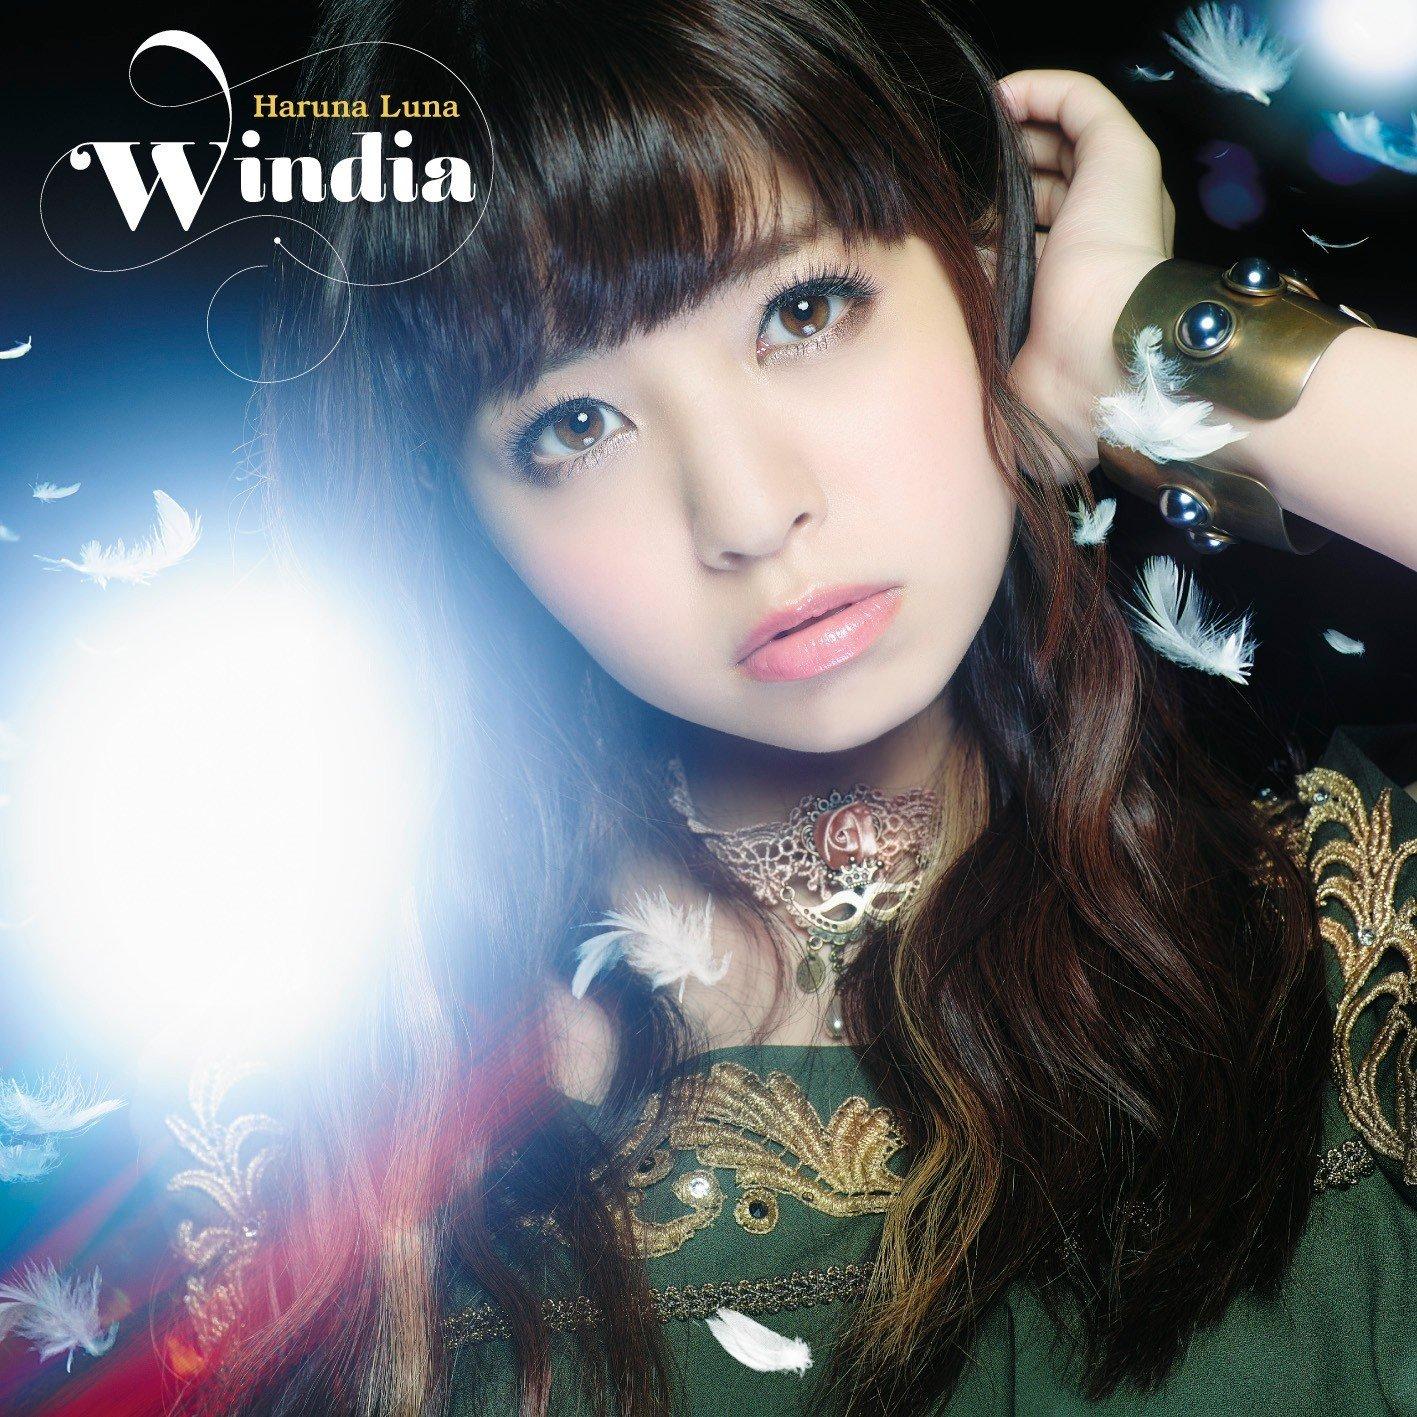 春奈るな (Luna Haruna) – Windia [Mora FLAC 24bit/96kHz]